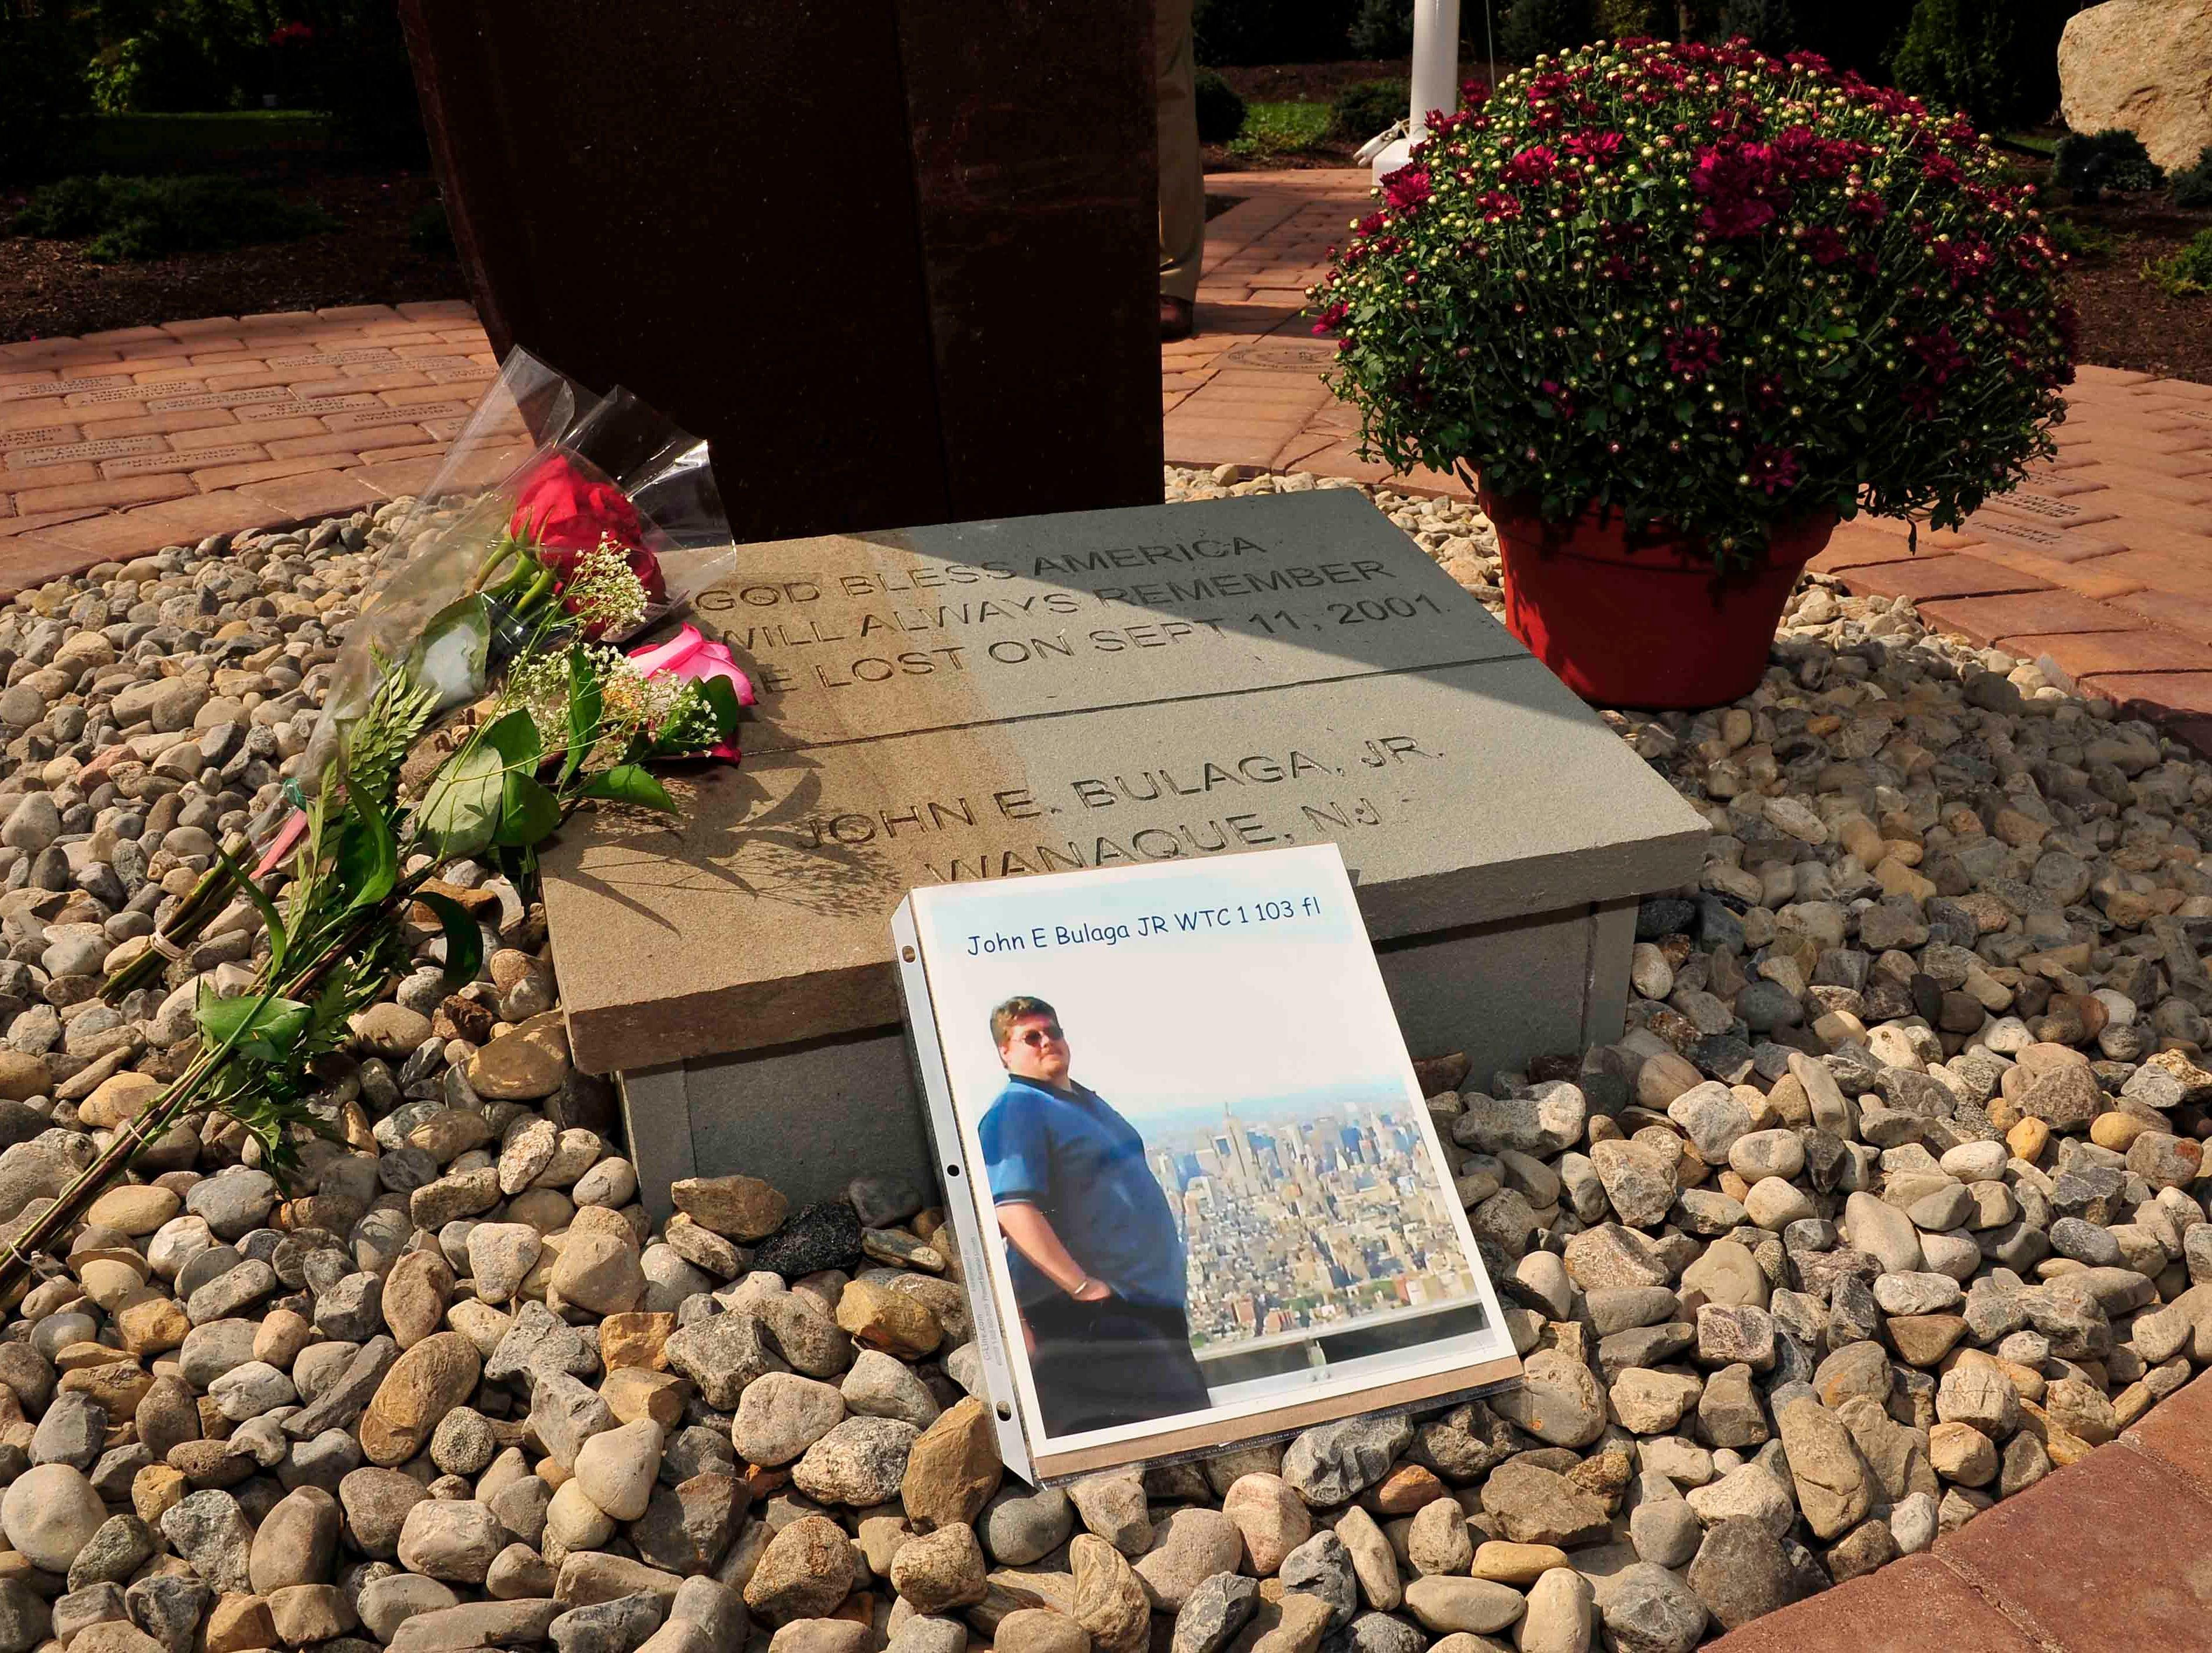 John E. Bulaga, Jr.'s memorial in Wanaque.